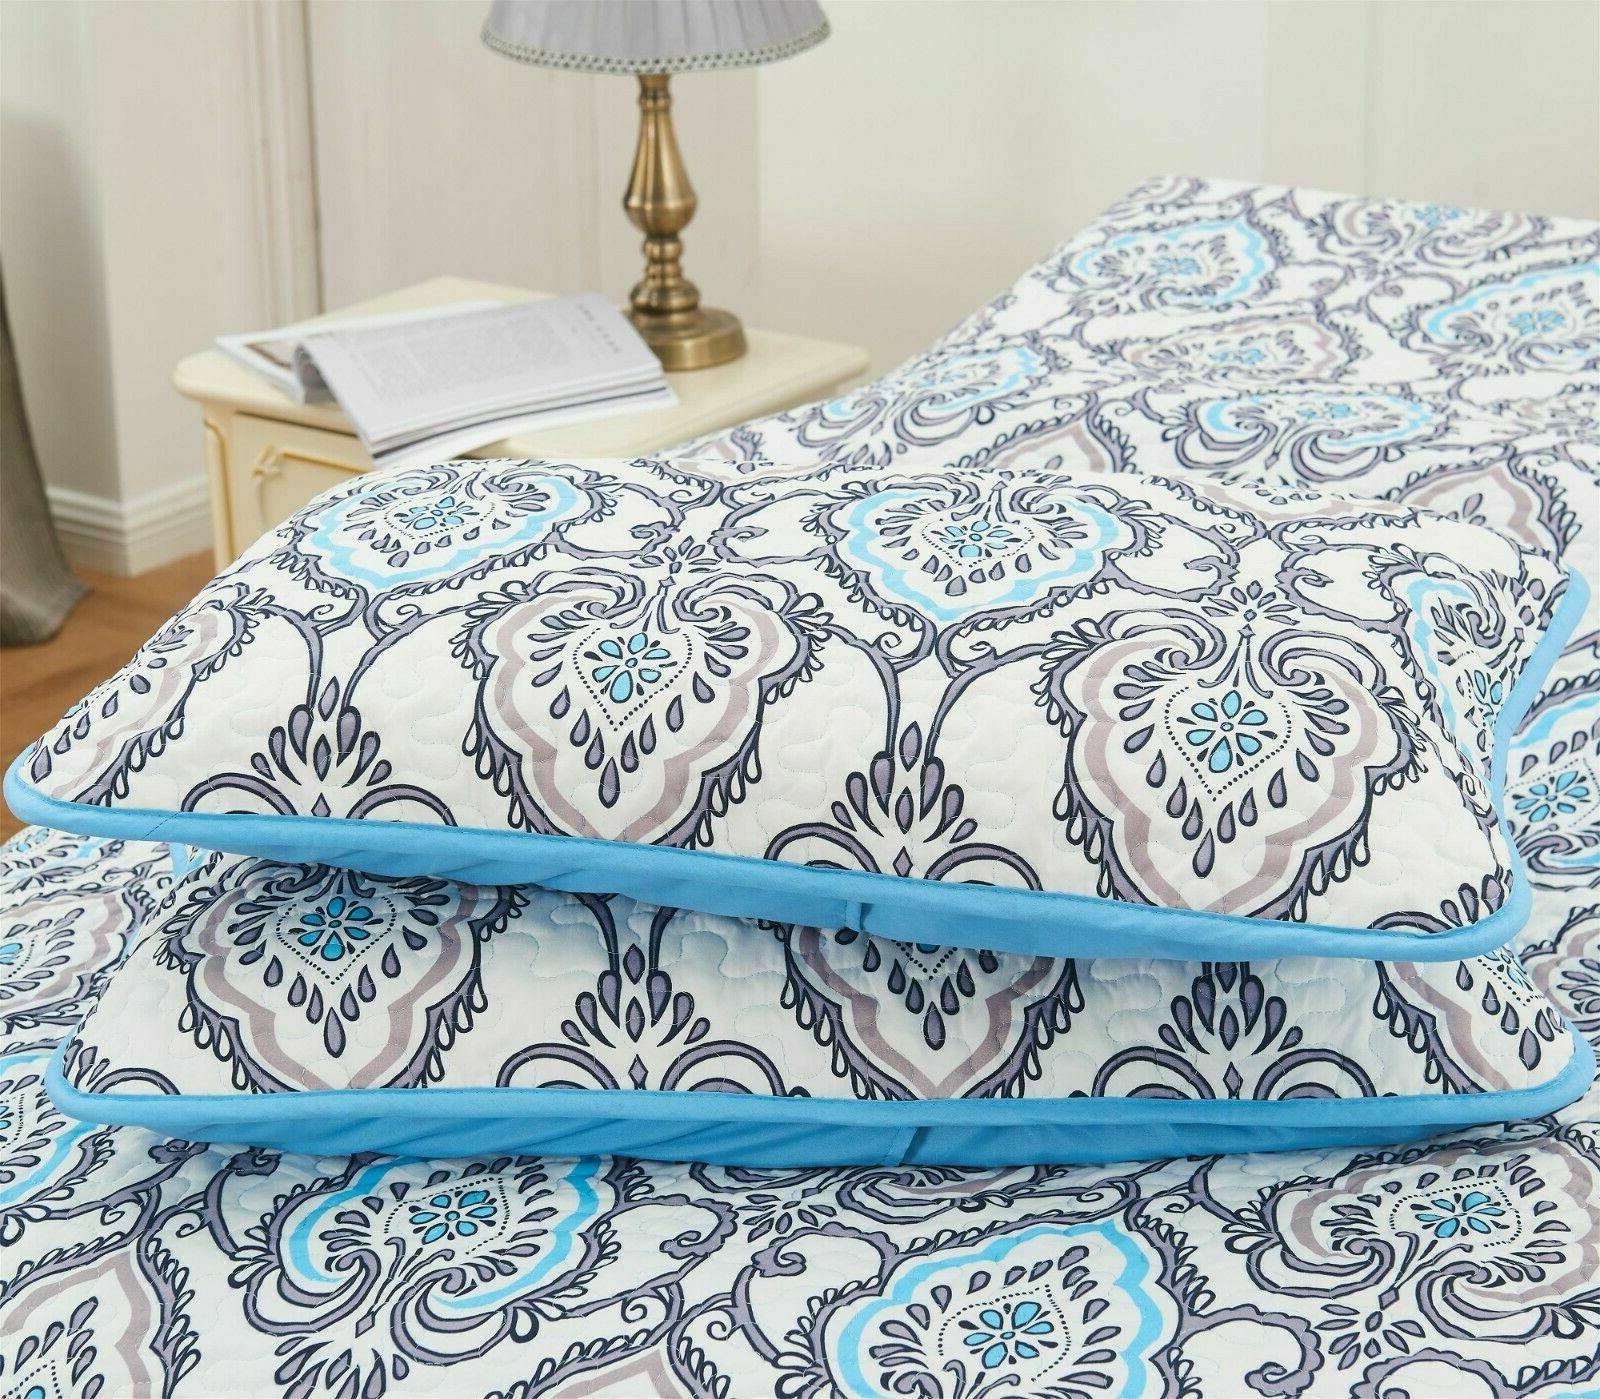 4 Quilted Set Queen Quilt Pillows